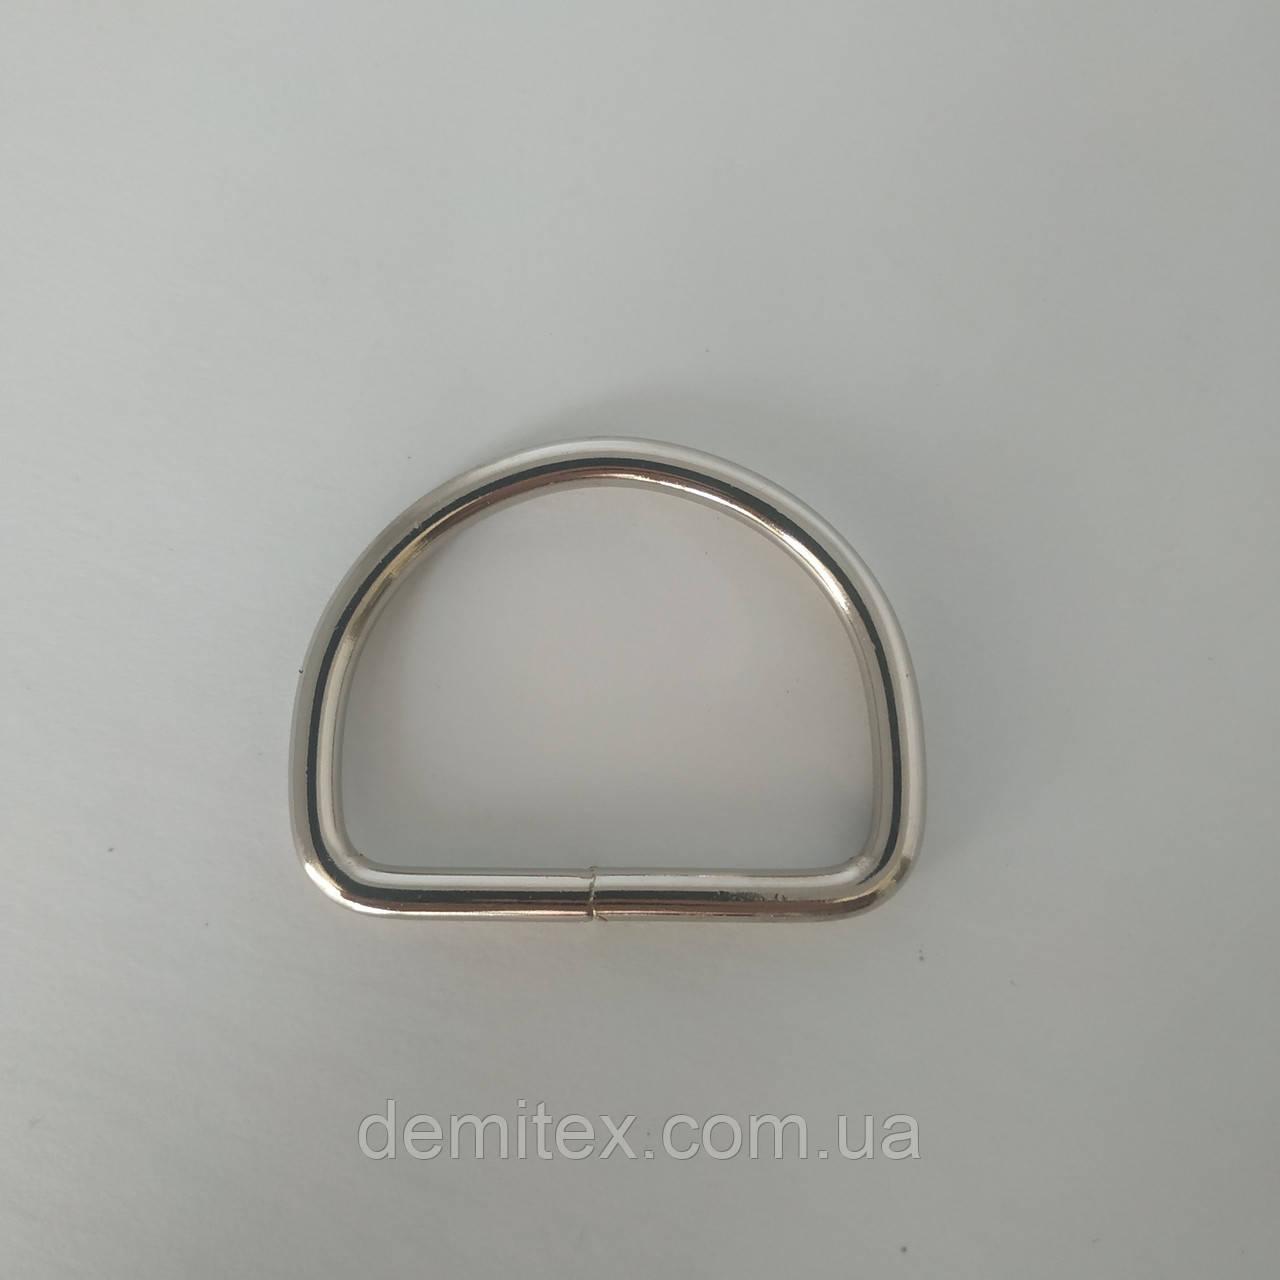 Півкільце нікель 40х30х4мм